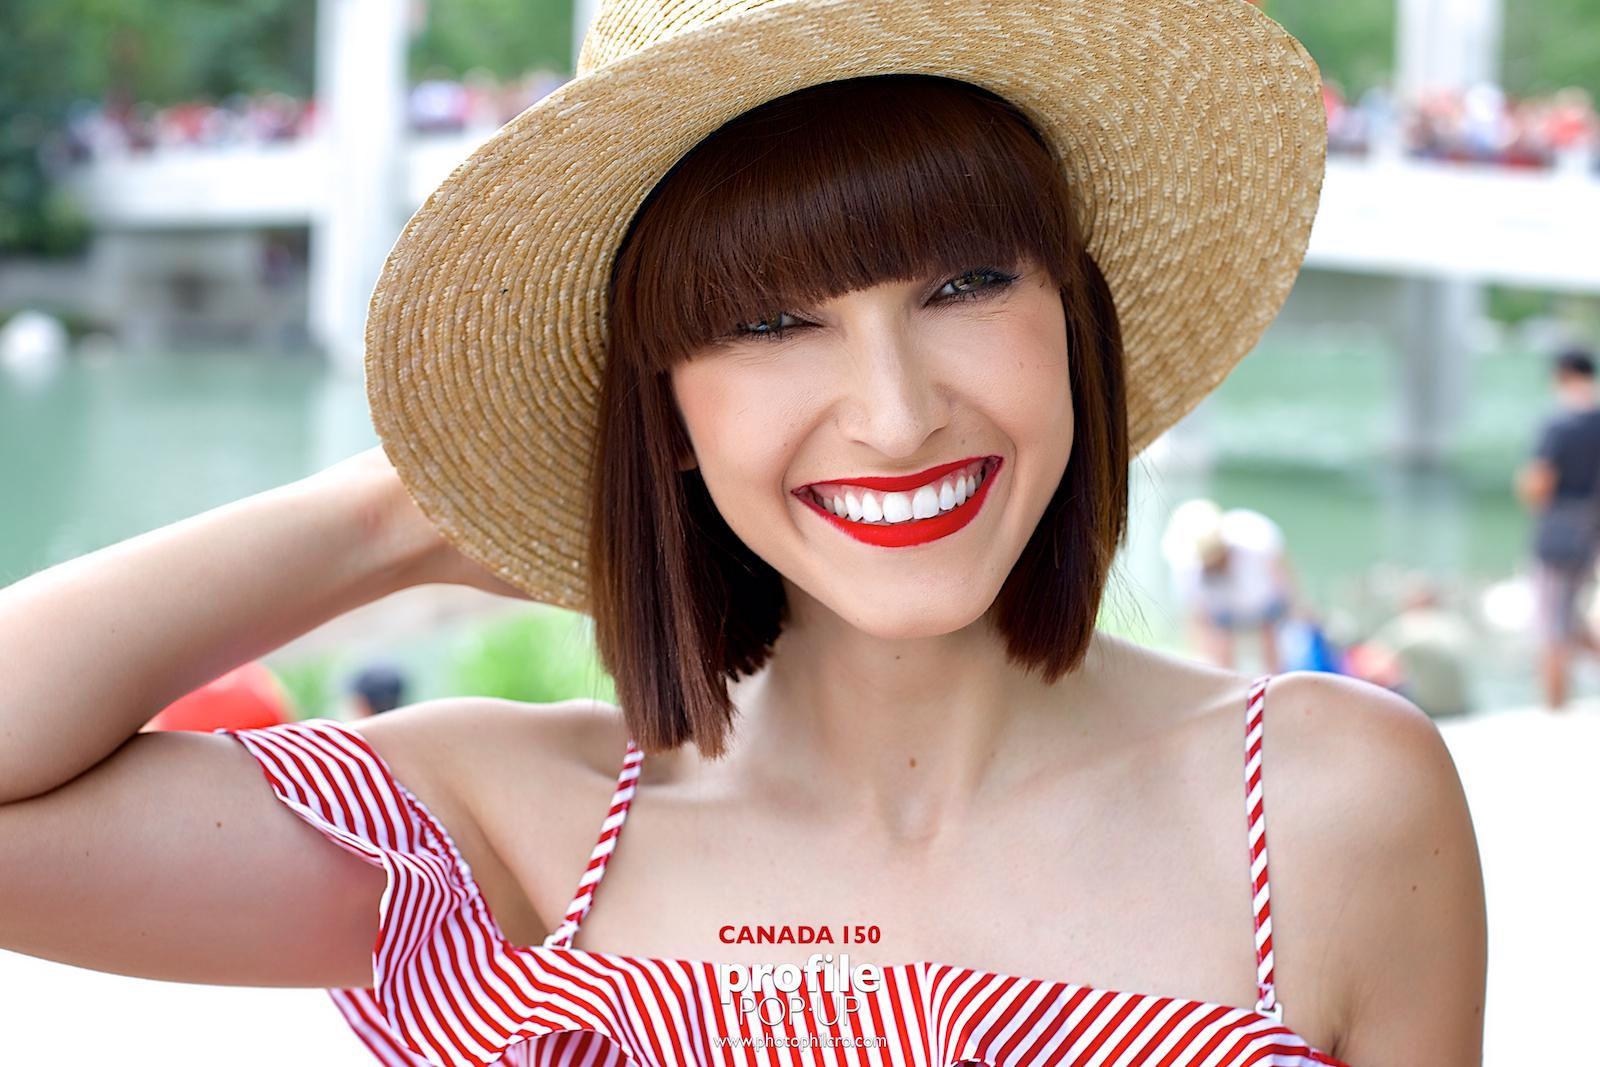 ProfilePopup_Canada150_Facebook 001.jpg